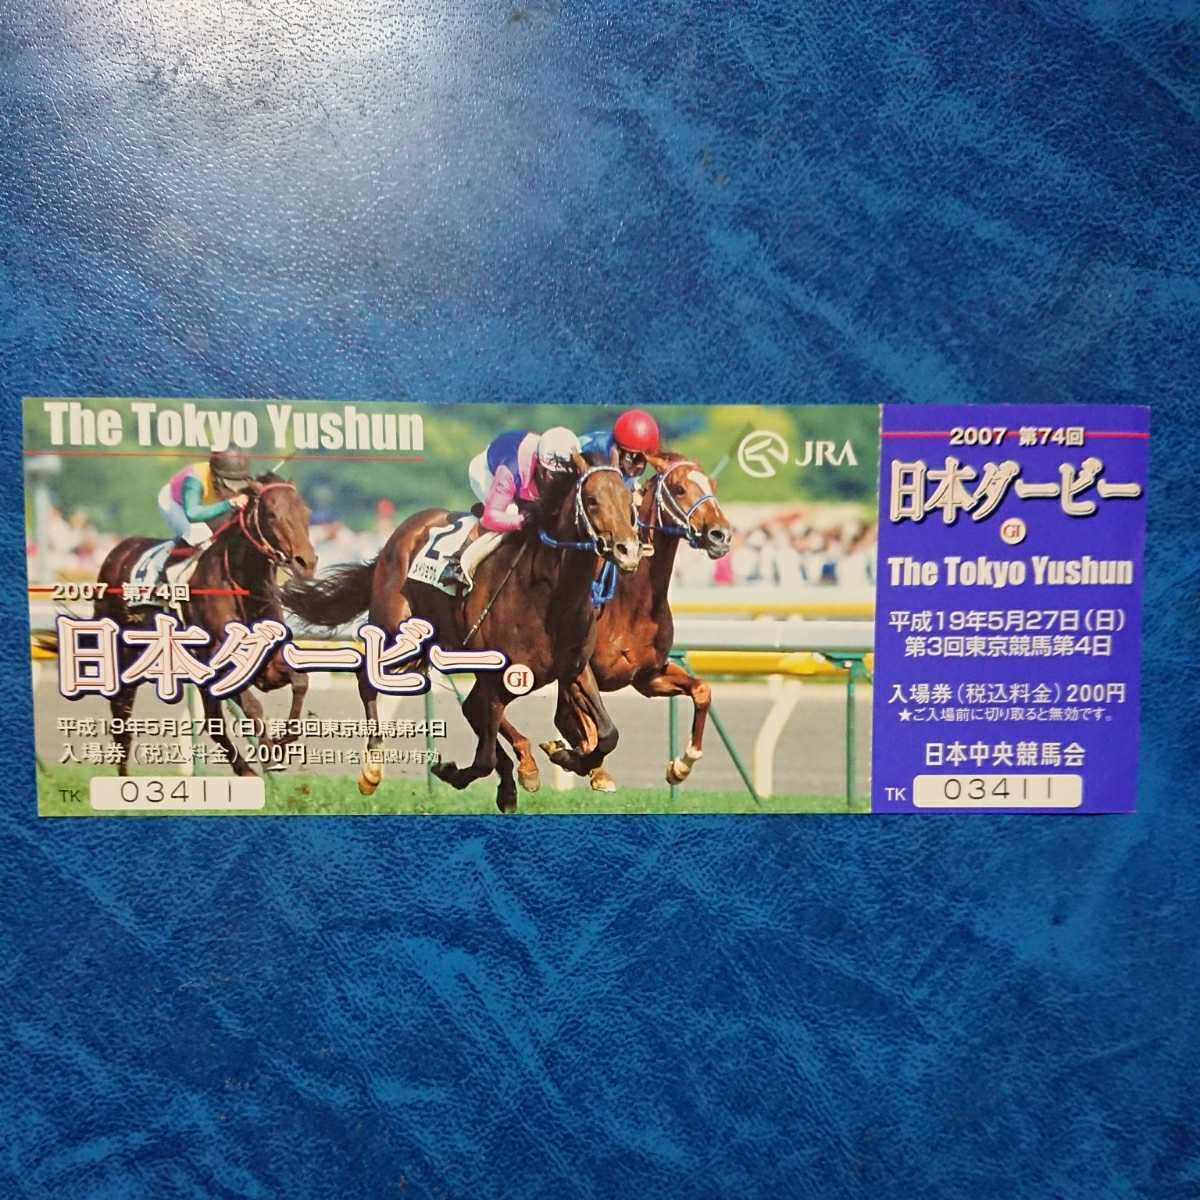 2007 第74回 日本ダービー 記念入場券 平成19年5月27日 東京競馬場 メイショウサムソン 石橋守騎手 デザイン_画像1